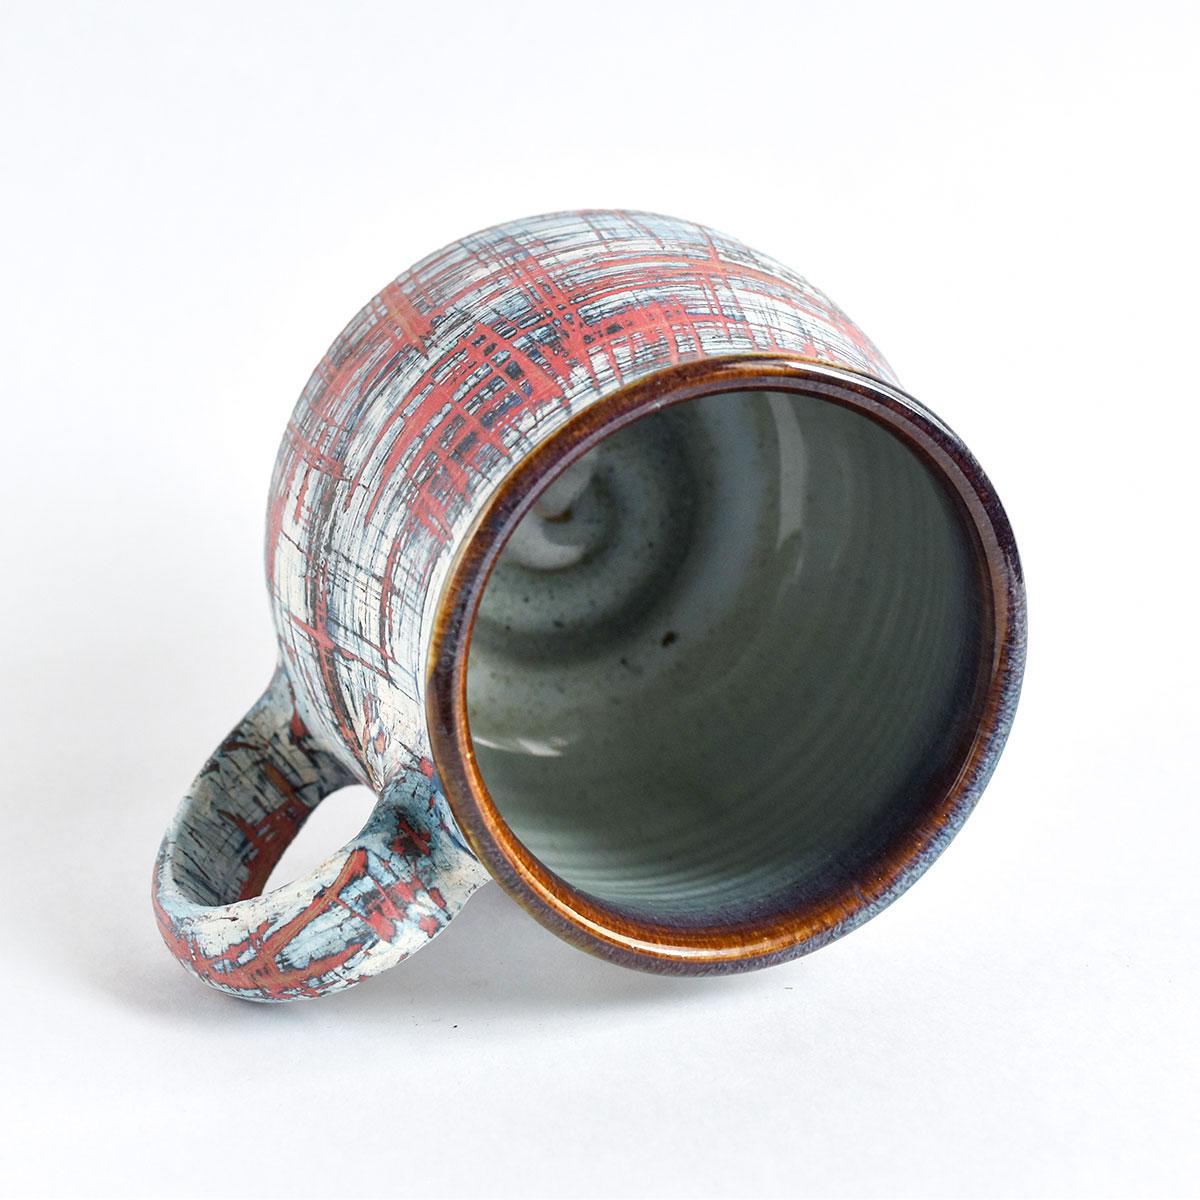 """картинка Керамическая кружка """"Новый взгляд"""" 02 - DishWishes.Ru"""